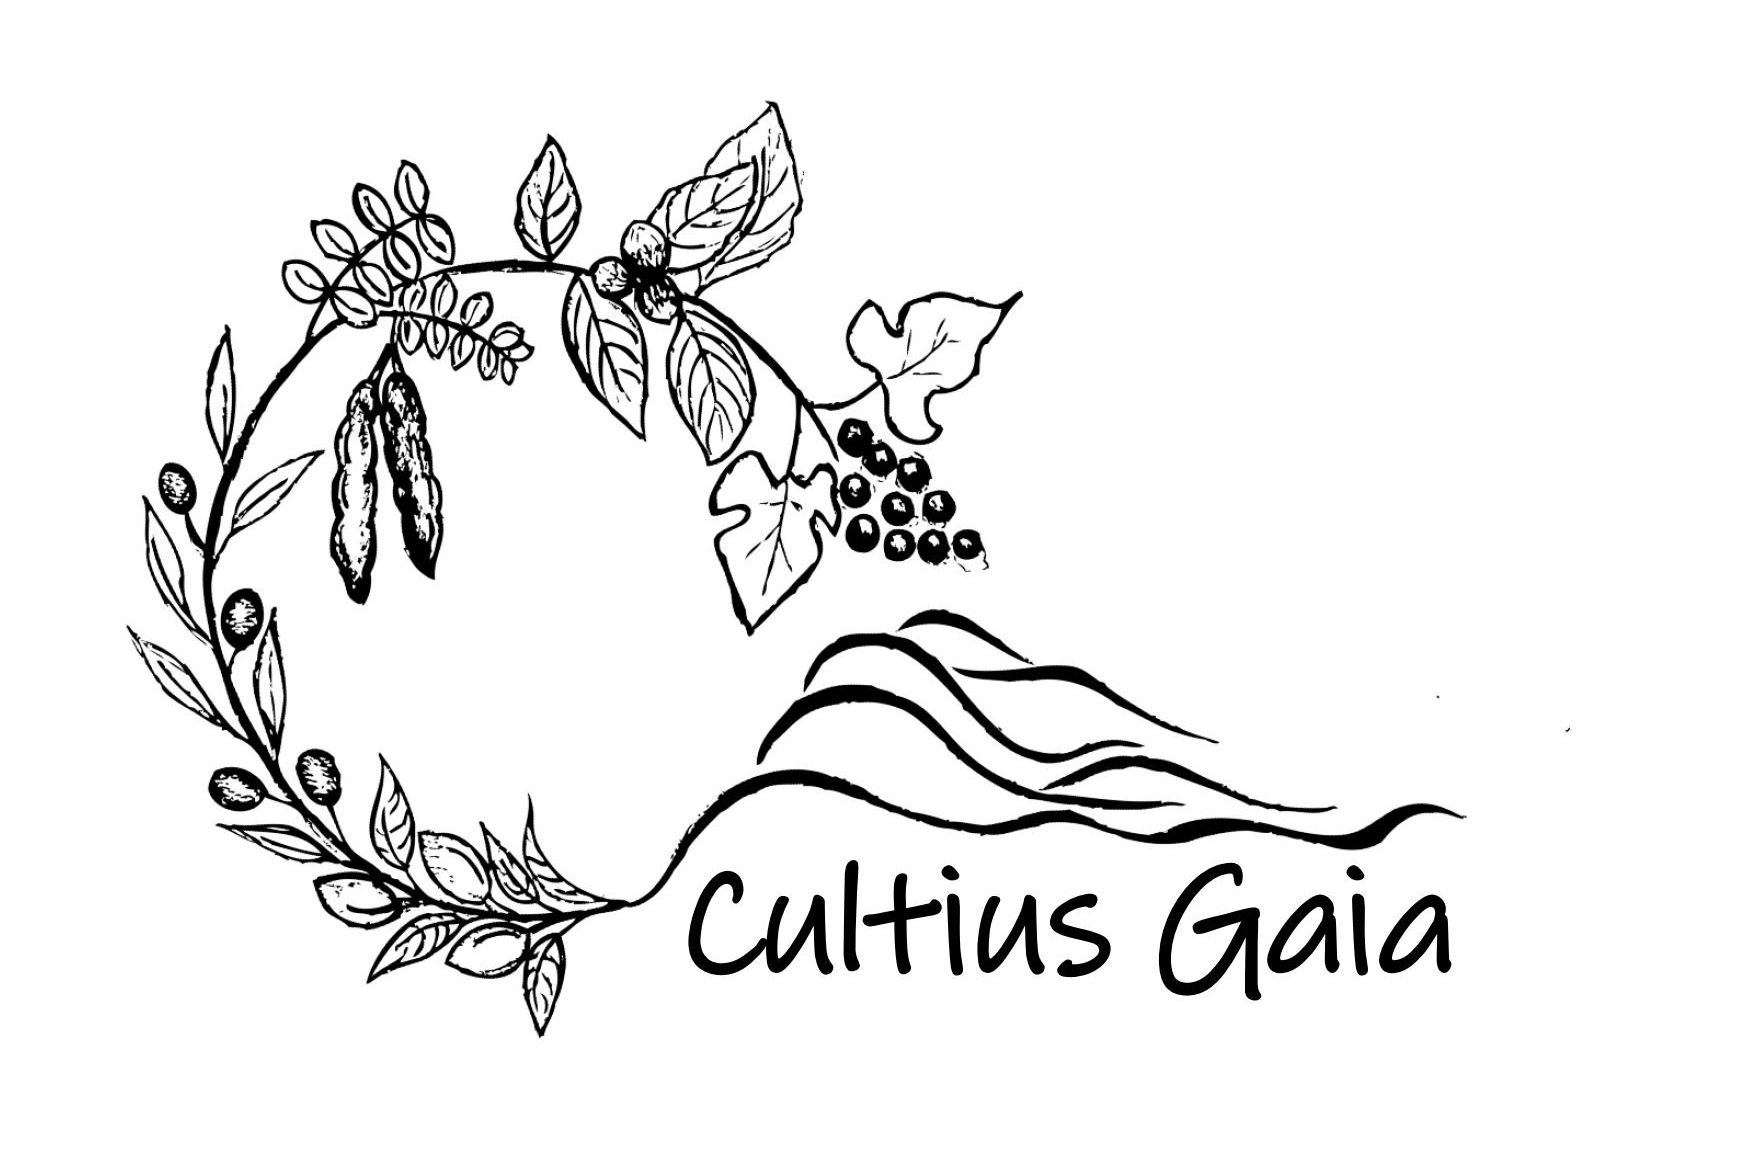 Cultius Gaià